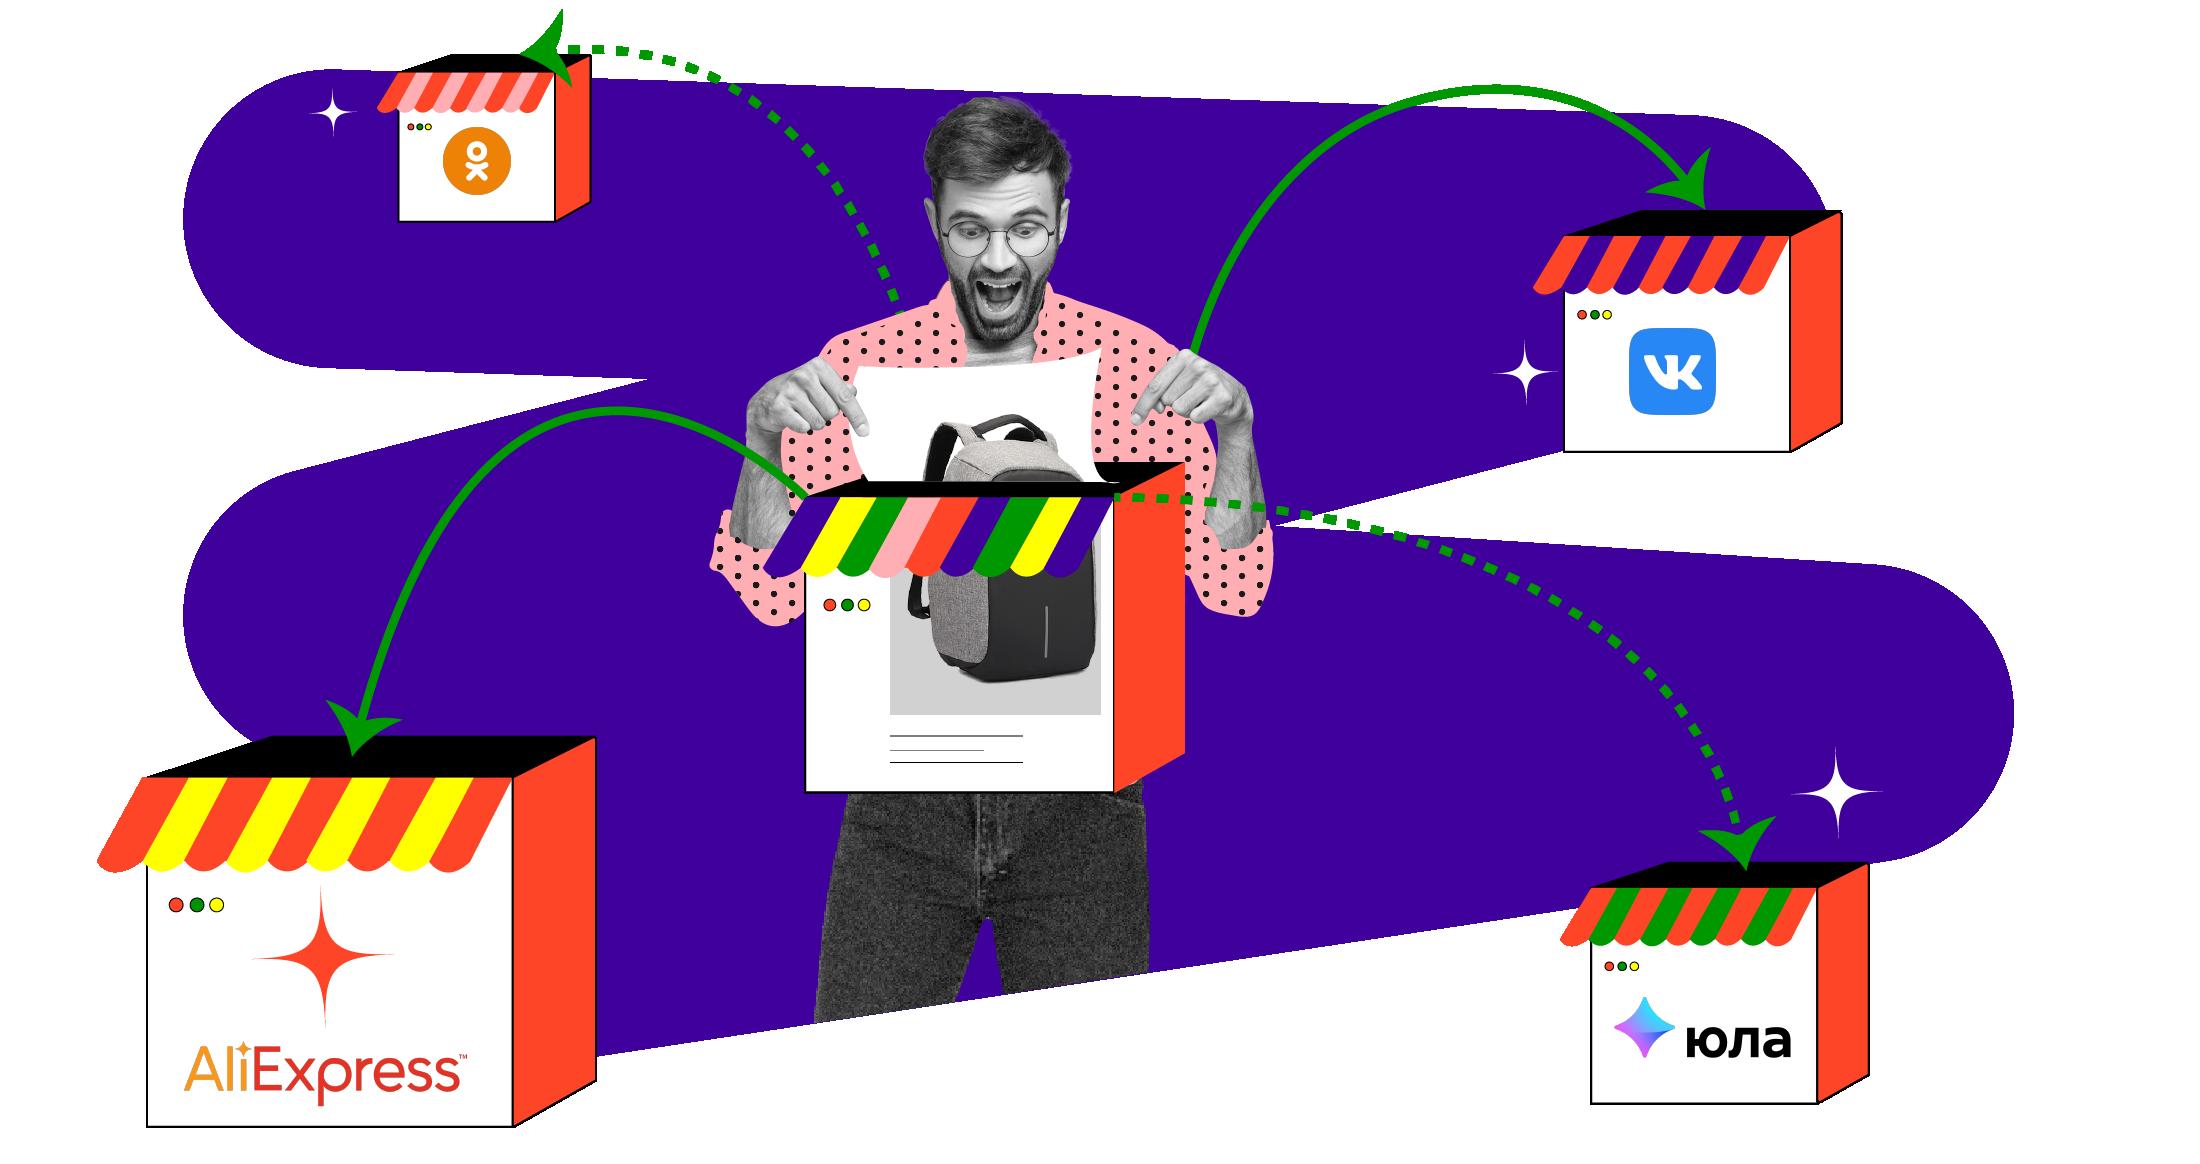 Продавцы AliExpress смогут продавать во ВКонтакте, в Одноклассниках и на Юле